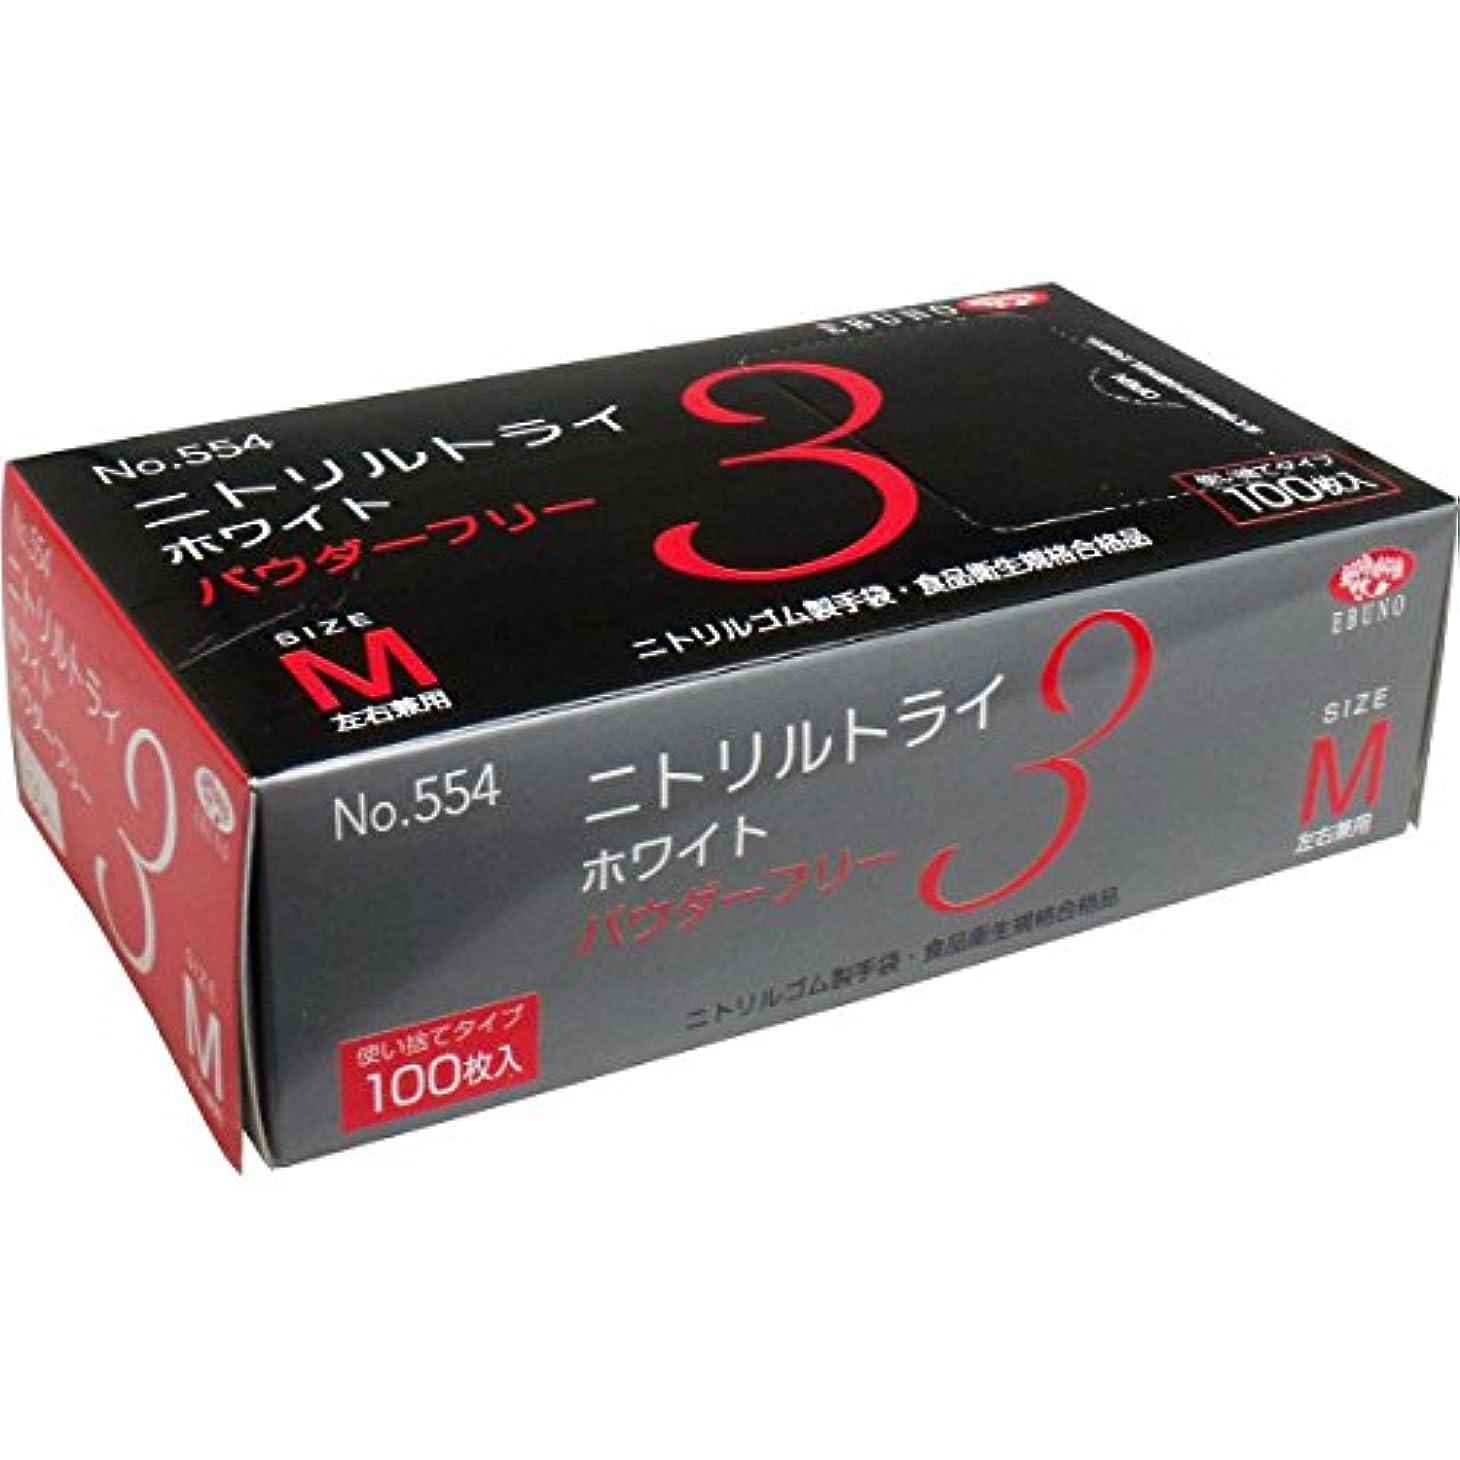 検出器受益者うんざりニトリルトライ3 手袋 ホワイト パウダーフリー Mサイズ 100枚入×10個セット